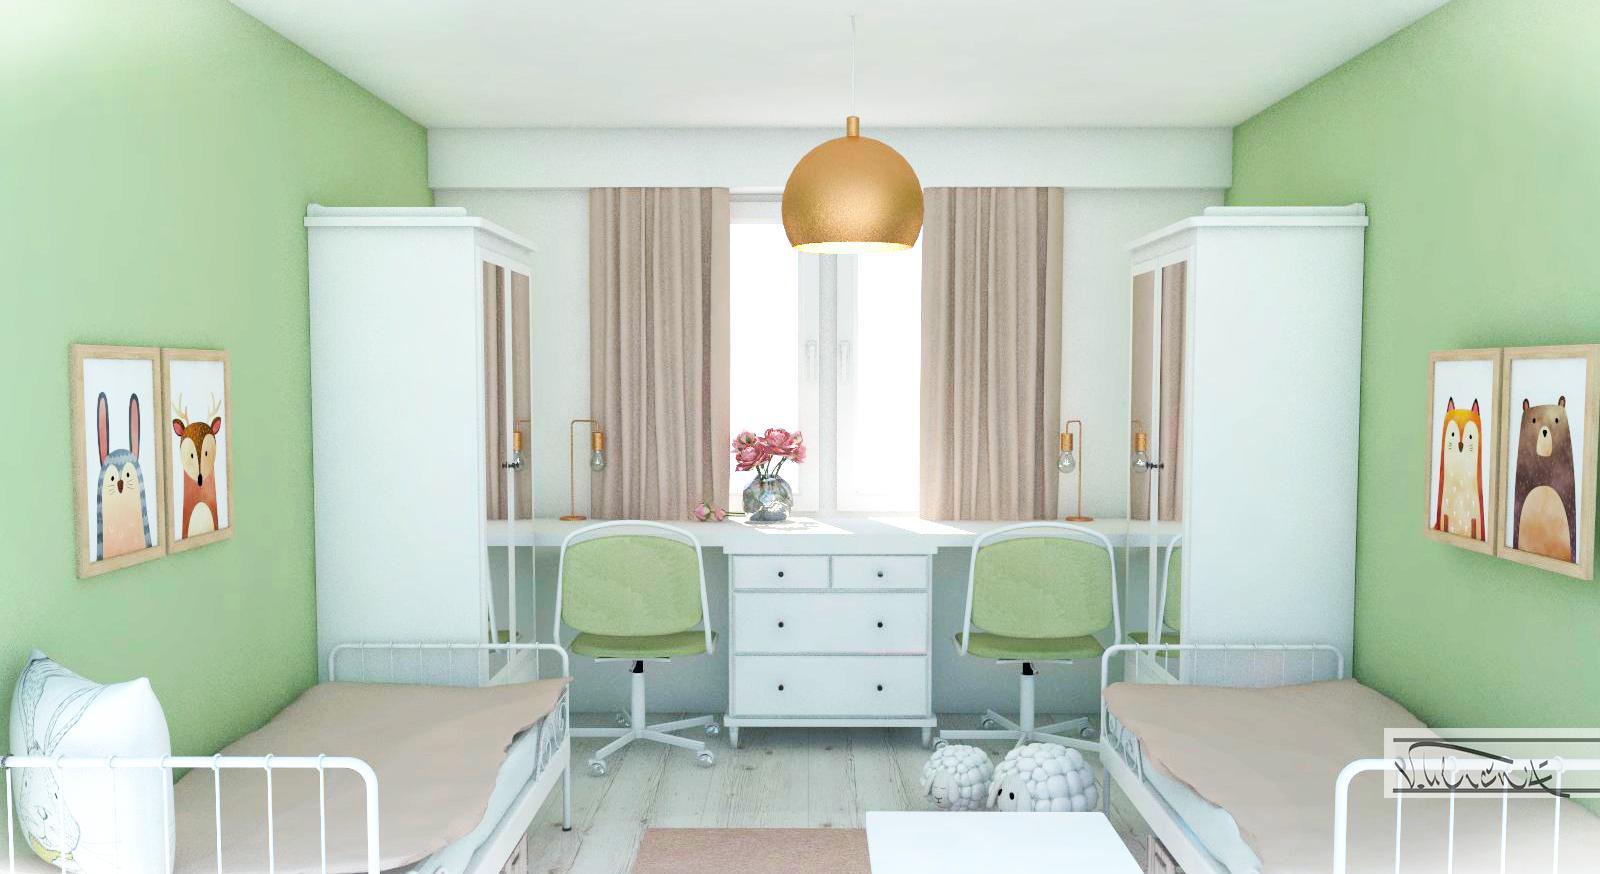 Detská izba - Izba pre dve dievcatka, 3,5 x 3,5m